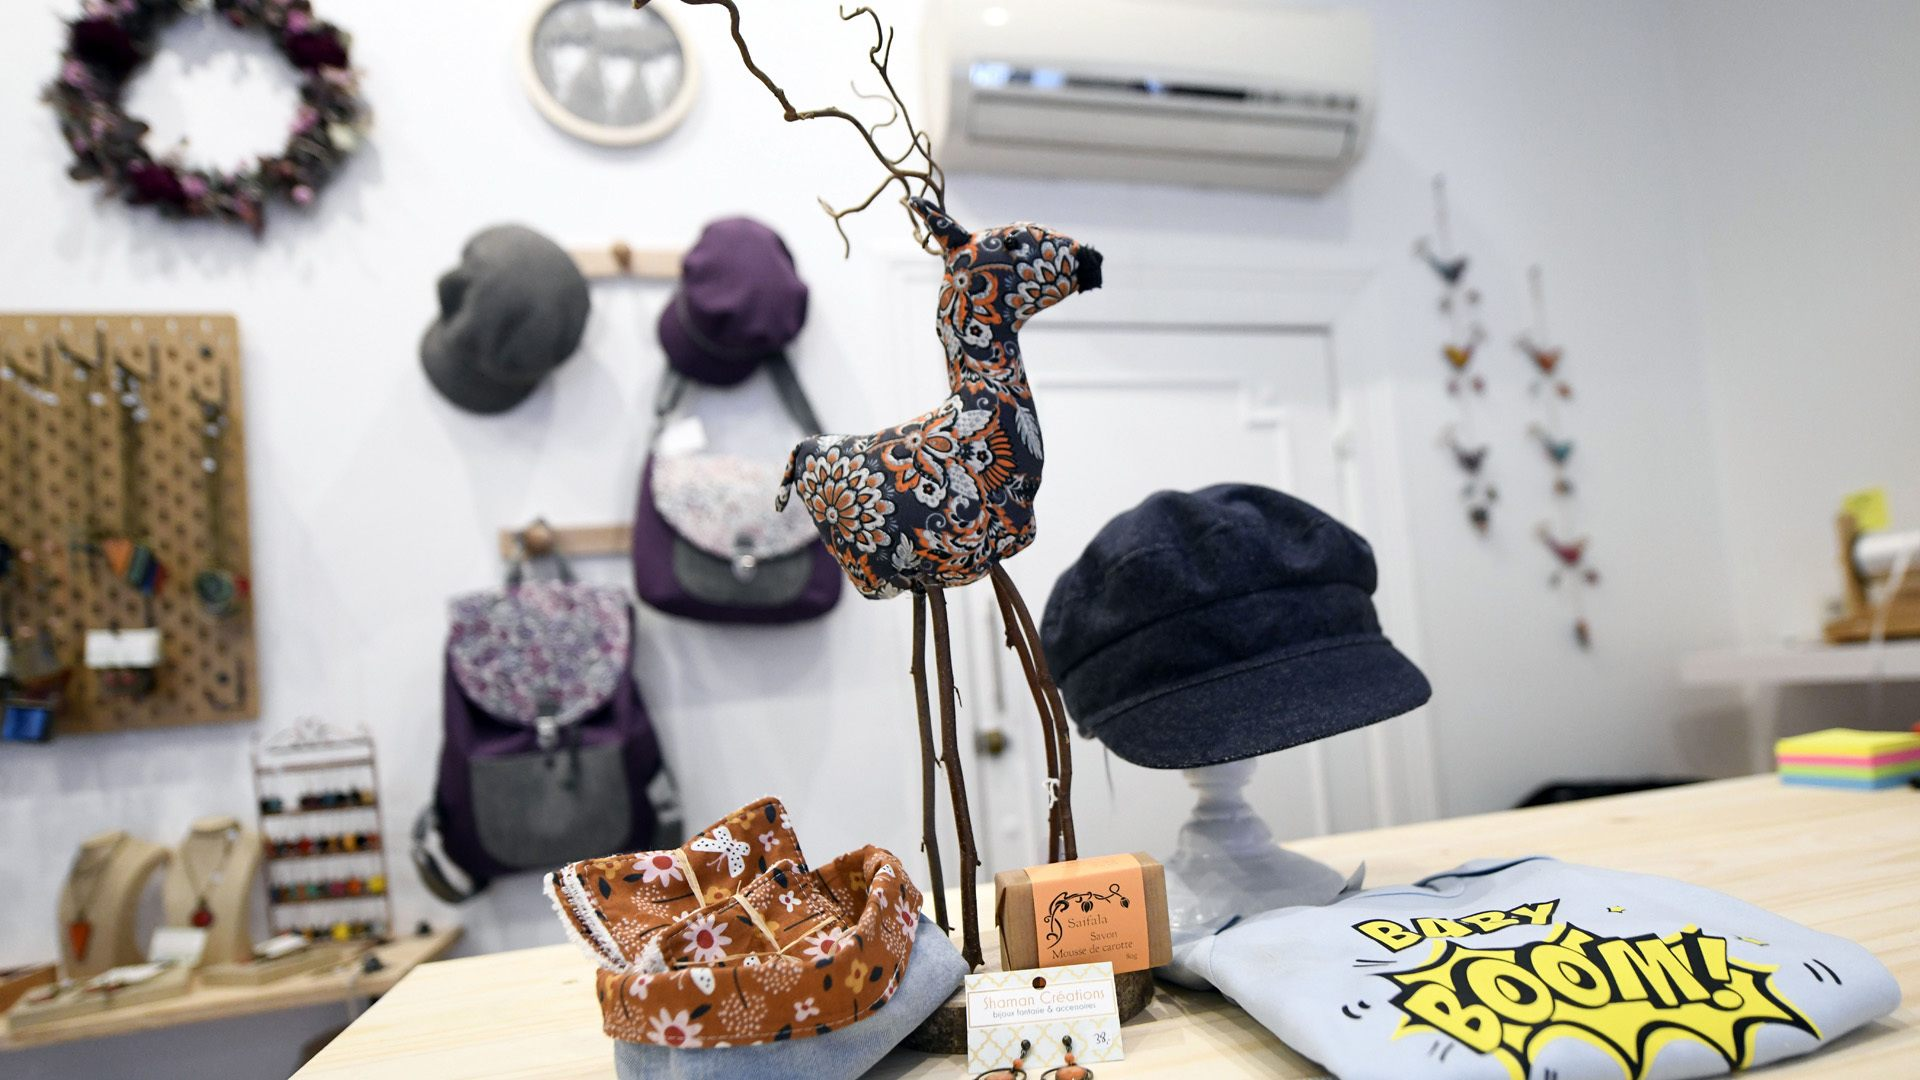 Un artichaut et des Etoiles sous le sapin : un grand choix d'objets artisanaux